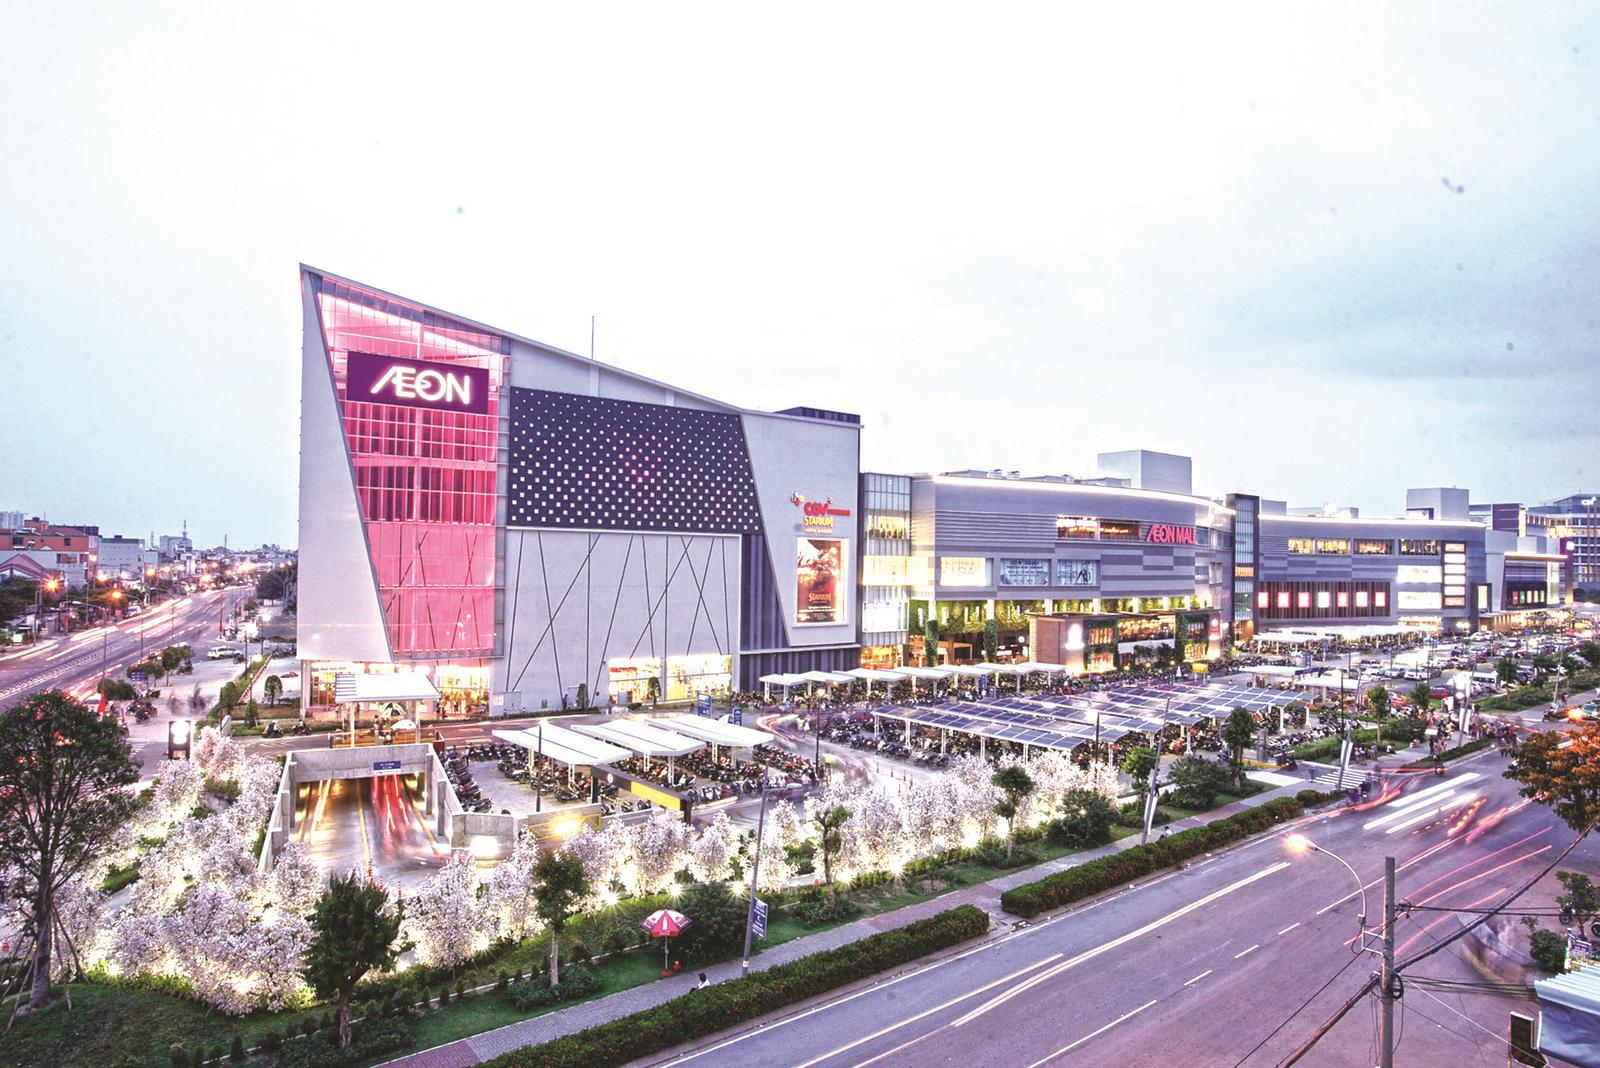 Xuất khẩu qua chuỗi siêu thị: Thúc đẩy hợp tác mở rộng thị trường